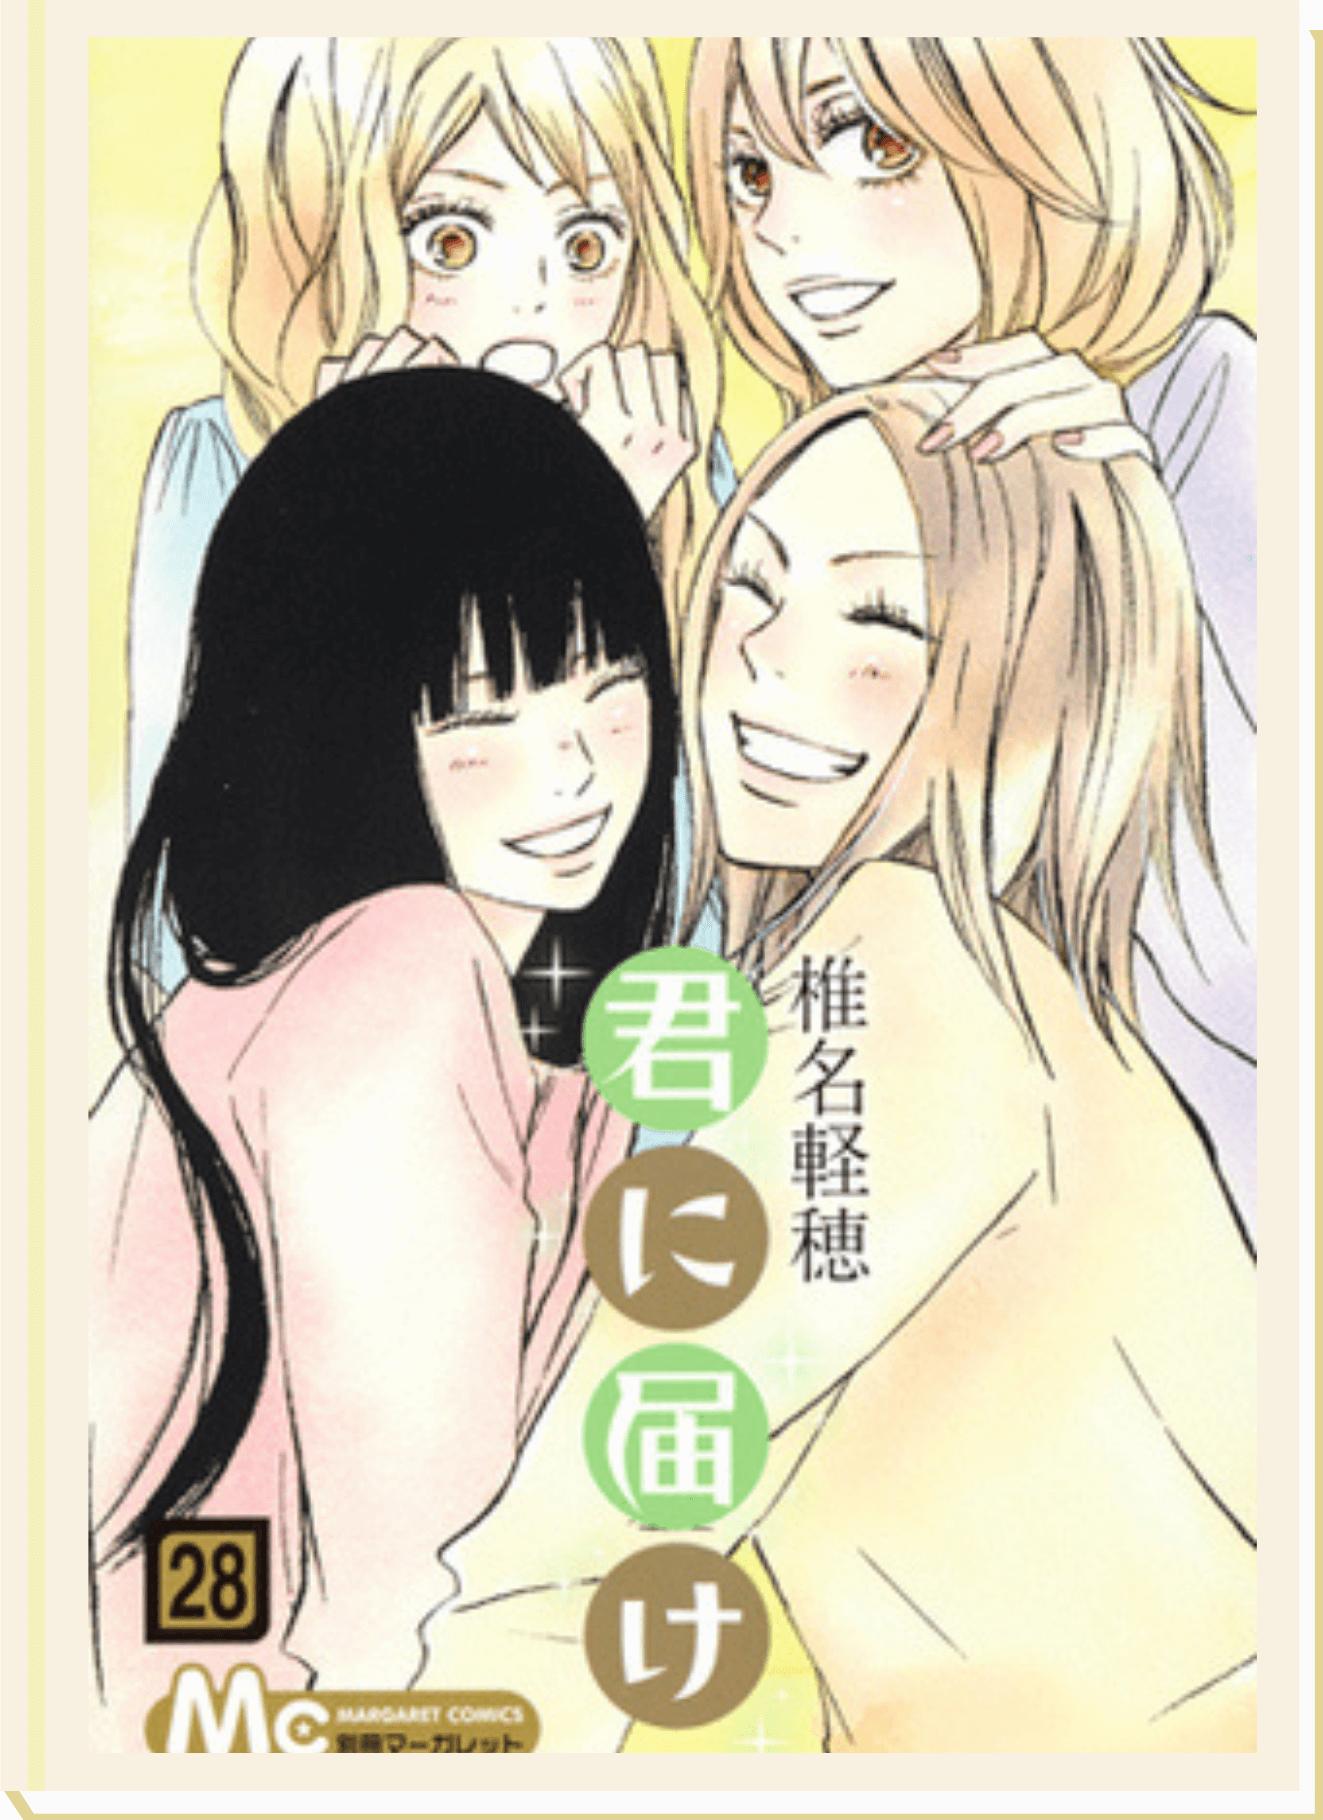 Kimi ni Todoke: From Me to You by Karuho Shiina